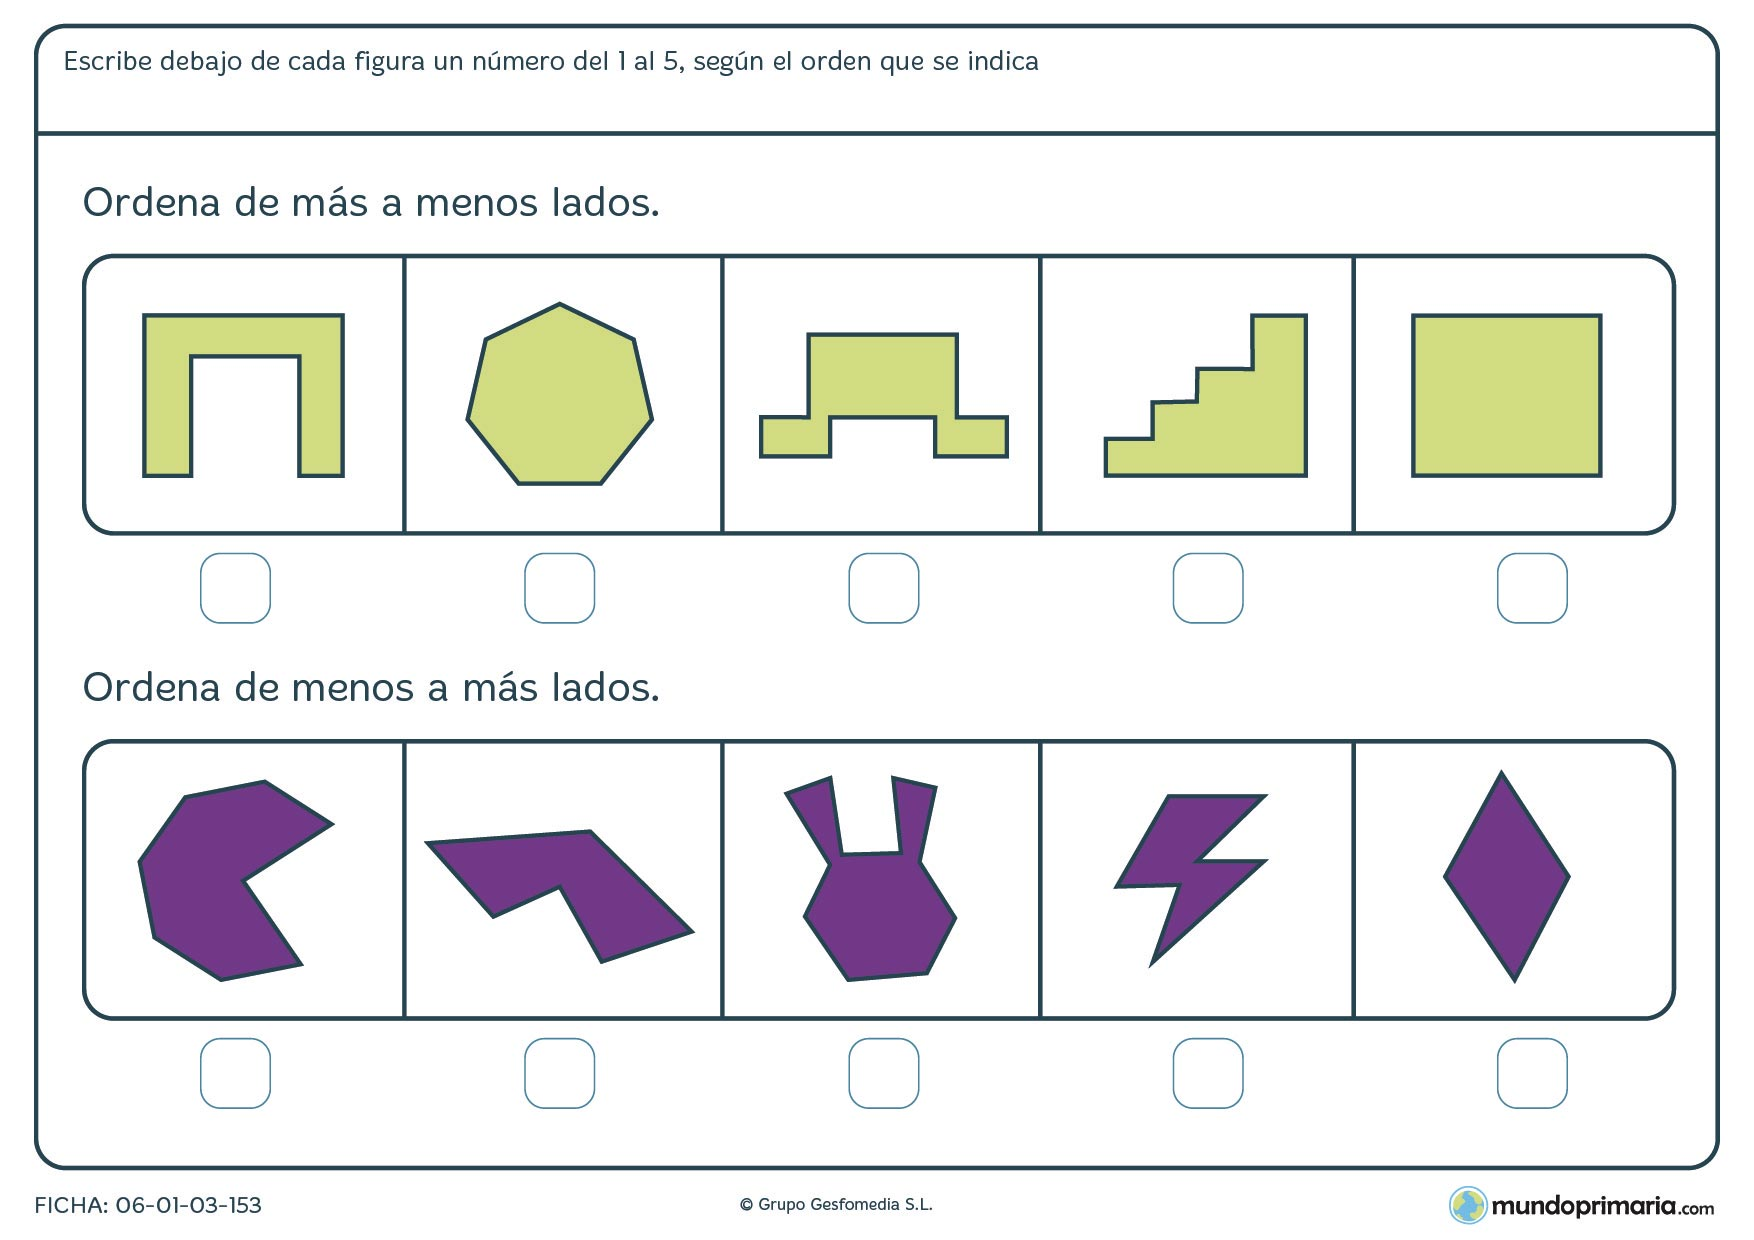 Ficha de más a menos lados para ordenar figuras de diferentes formas y de más o menos número de lados.